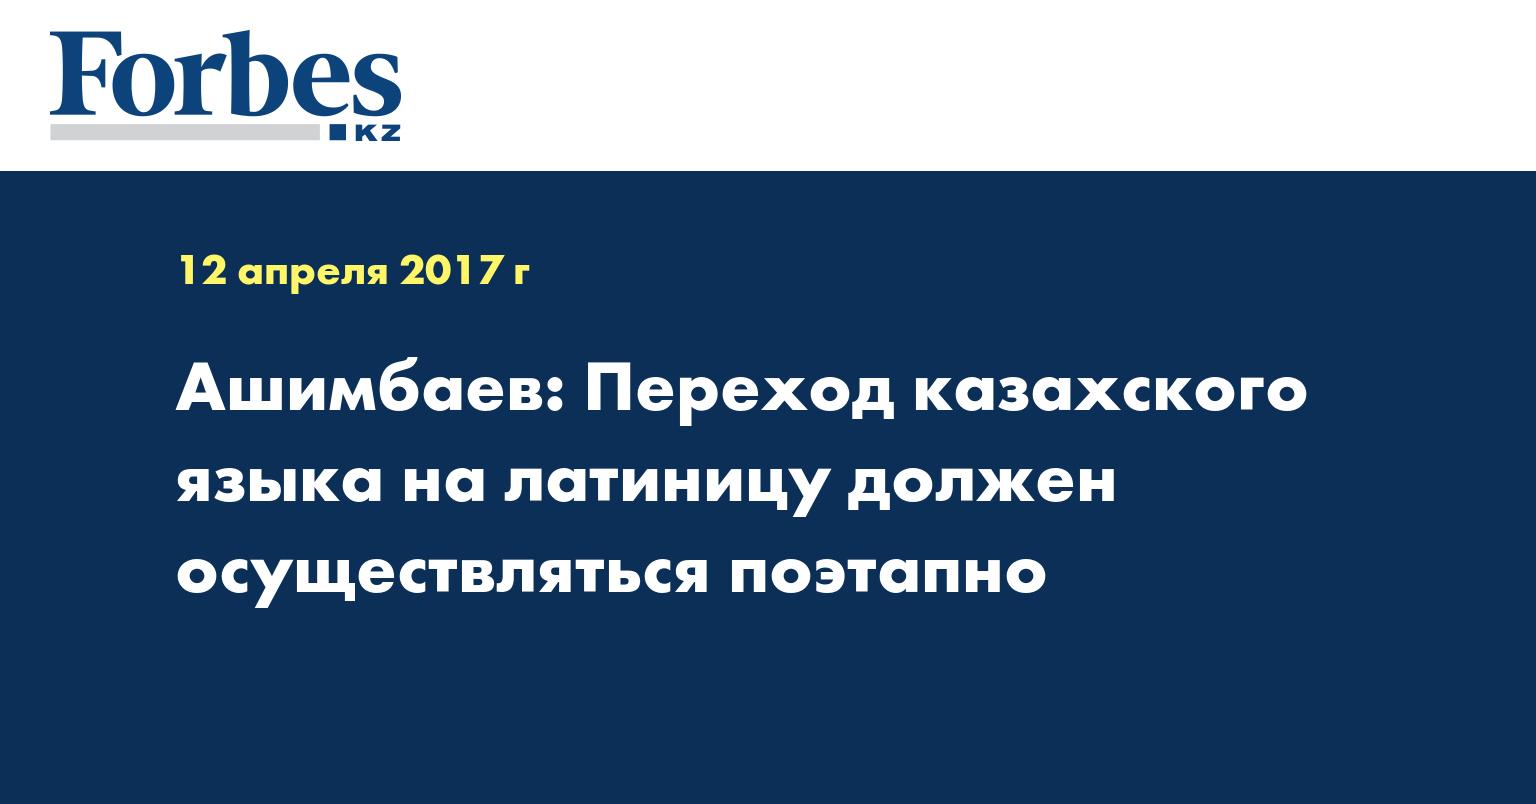 Ашимбаев: Переход казахского языка на латиницу должен осуществляться поэтапно